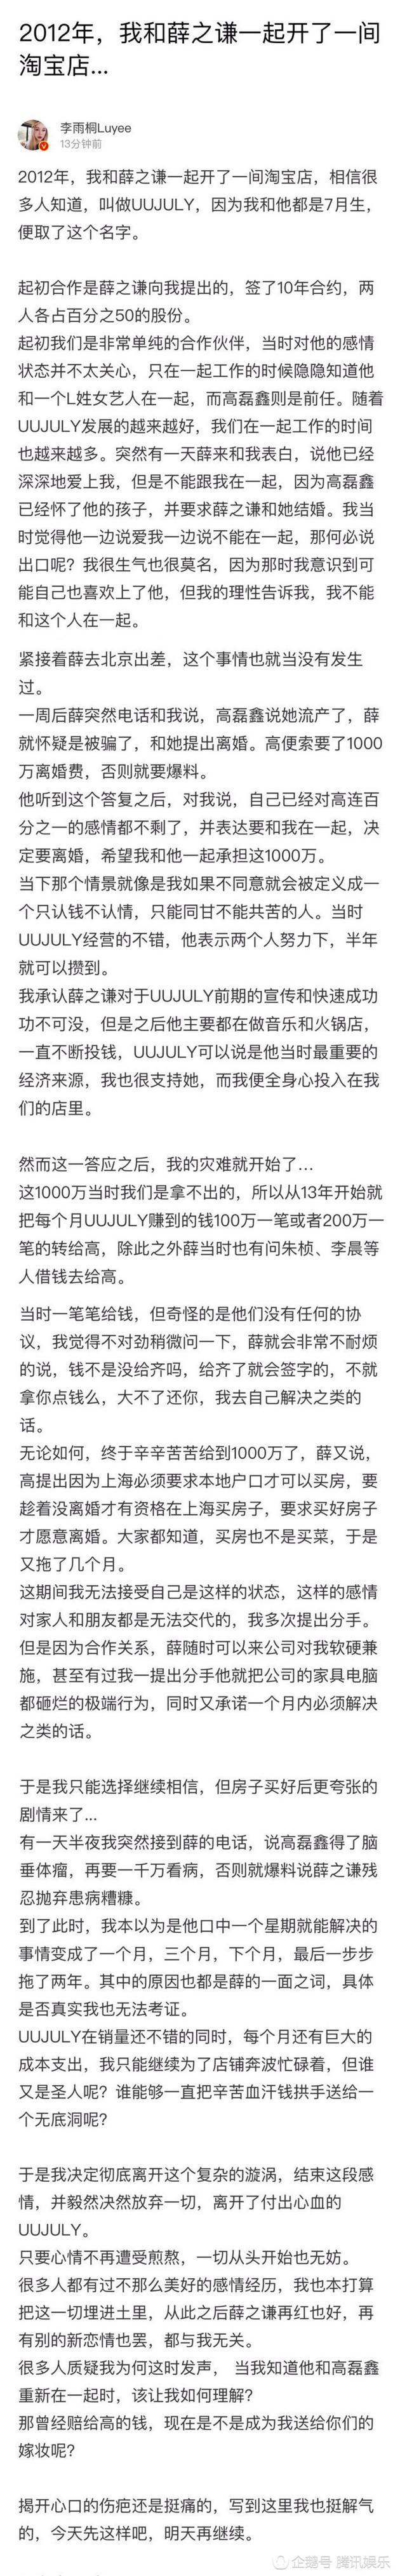 薛之谦被曝曾与L姓女星交往 网友猜测娄艺潇